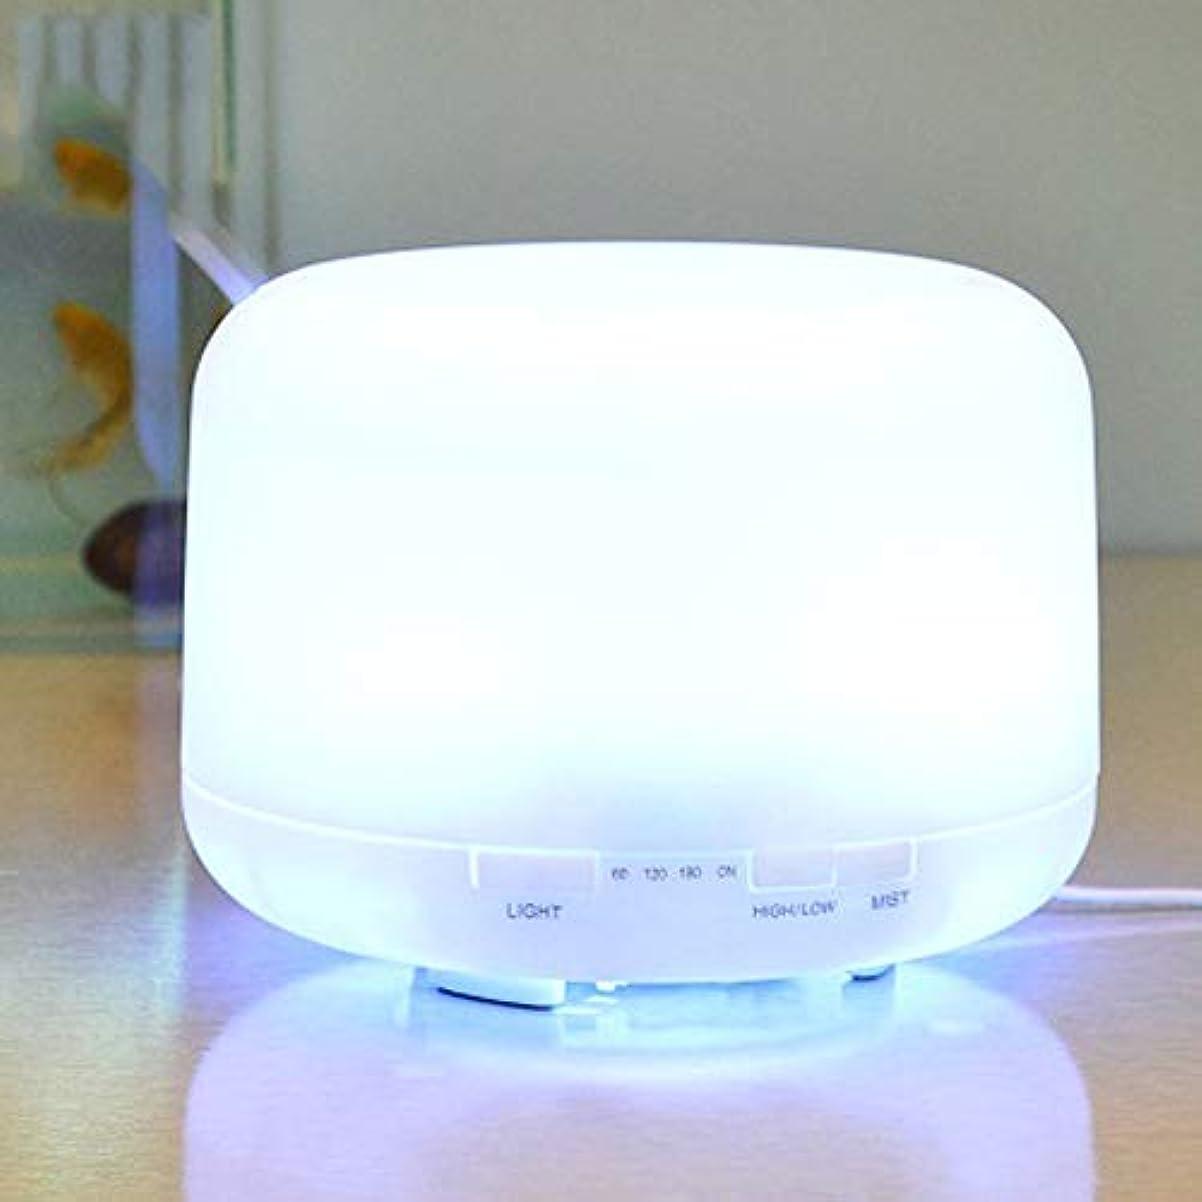 静的リズム調和のとれた1000ml のエッセンシャルオイルディフューザー、プレミアム超音波アロマセラピー香りオイルディフューザー気化器、タイマーと水なしオートオフ、7 LED ライトカラー